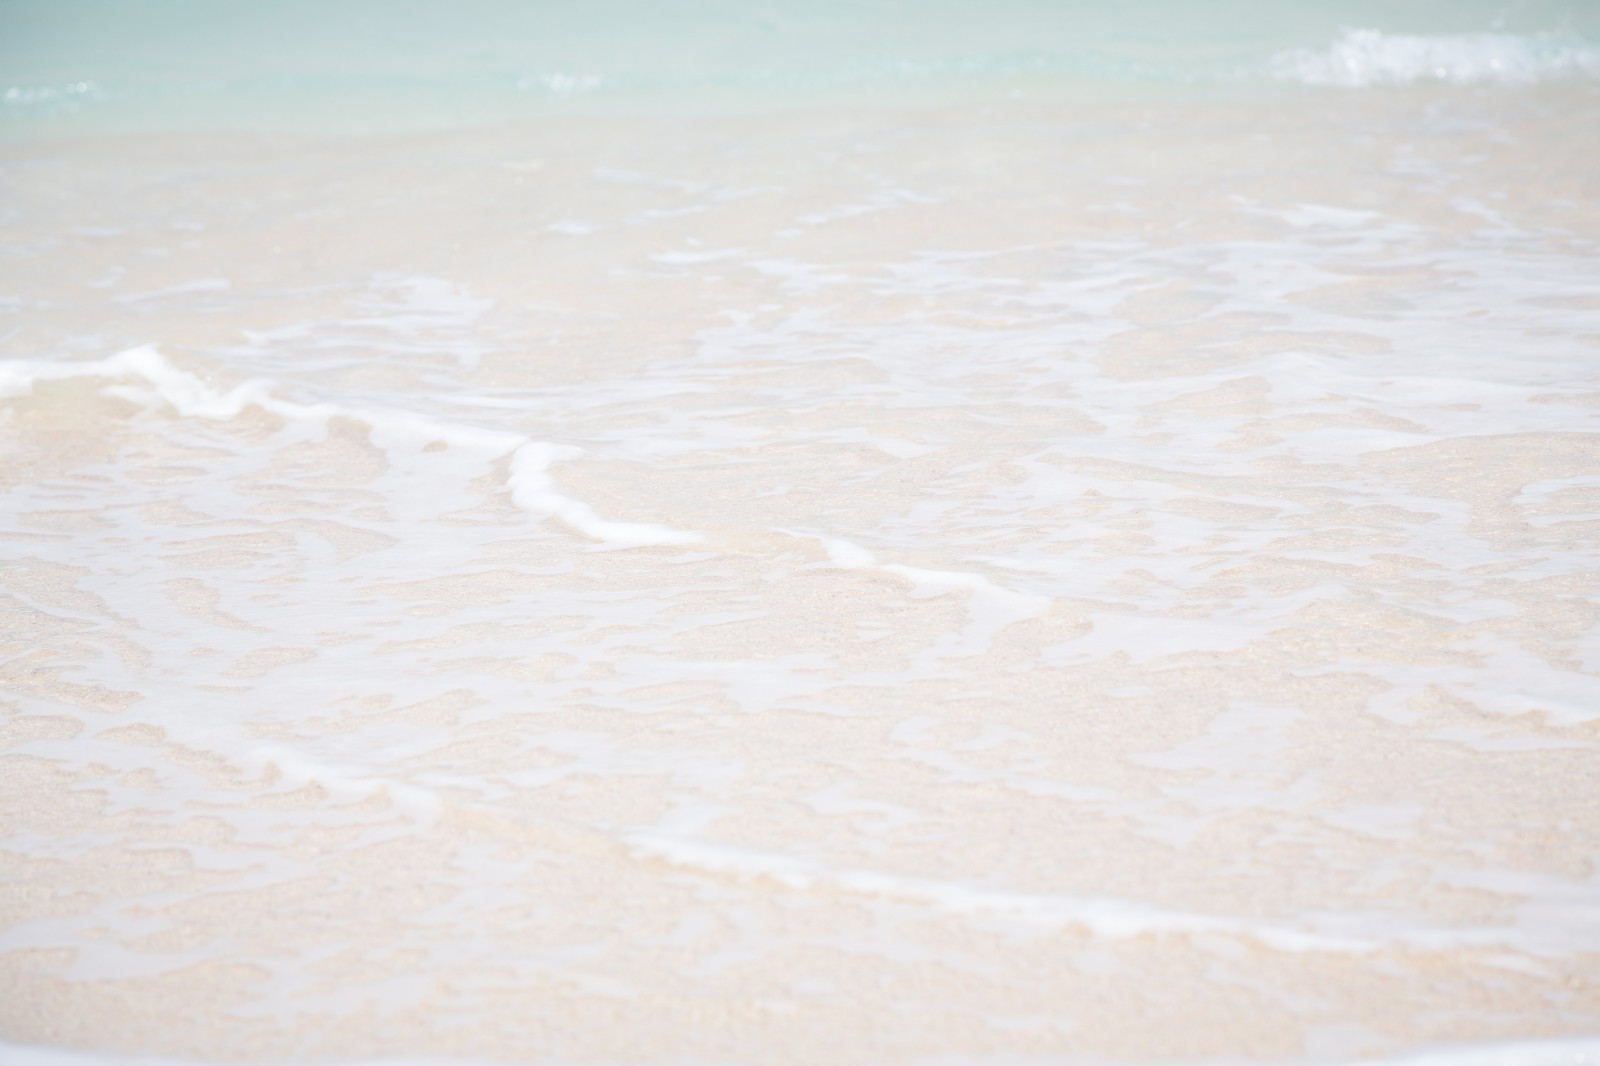 「砂浜の波」の写真